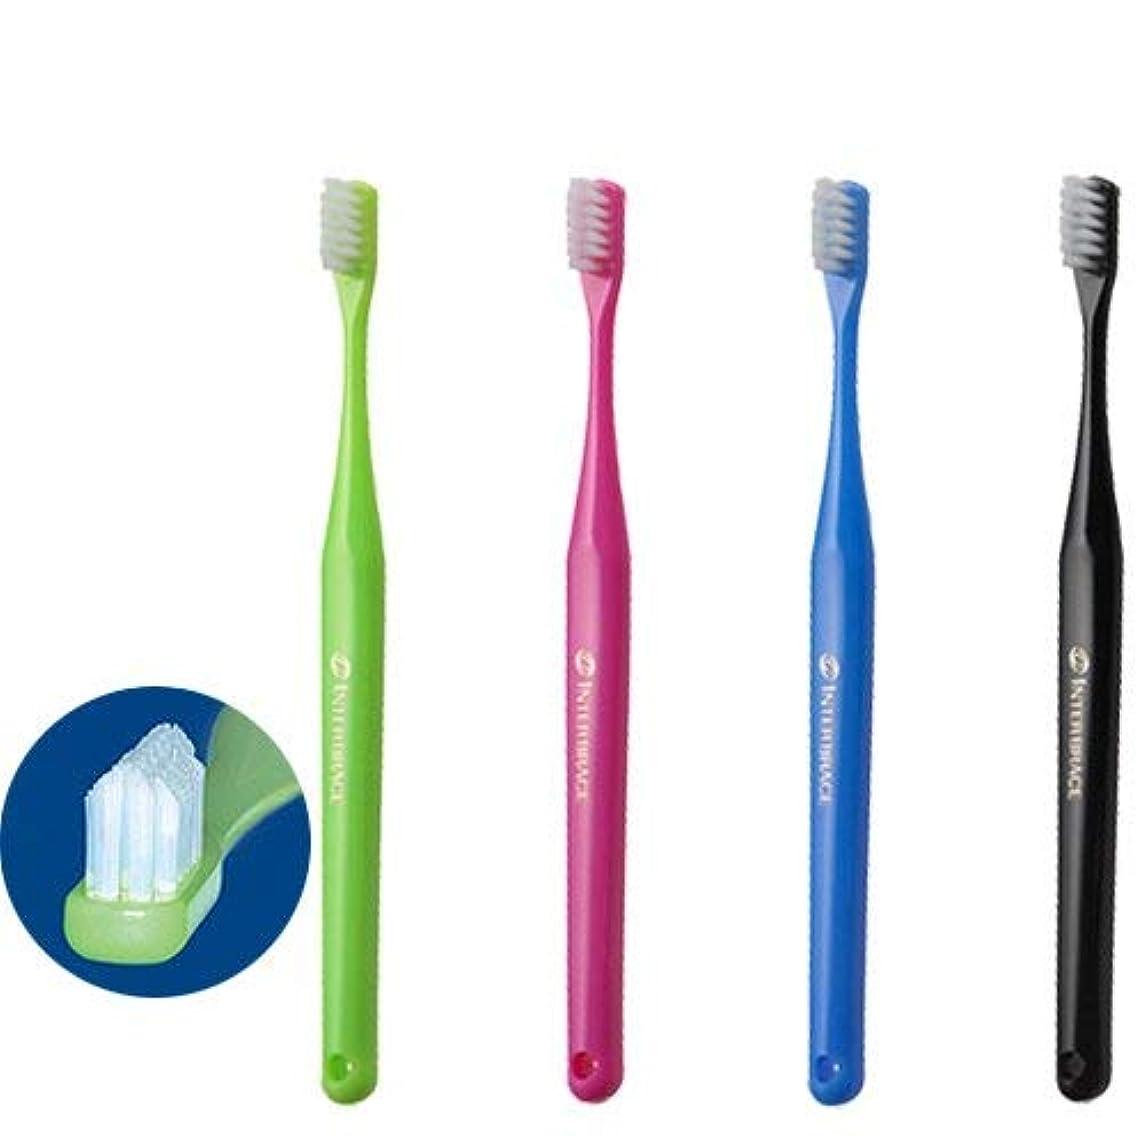 タバコ意気揚々穴インターブレイス (INTER BRACE) ×8本 矯正用歯ブラシ 歯科医院取扱品